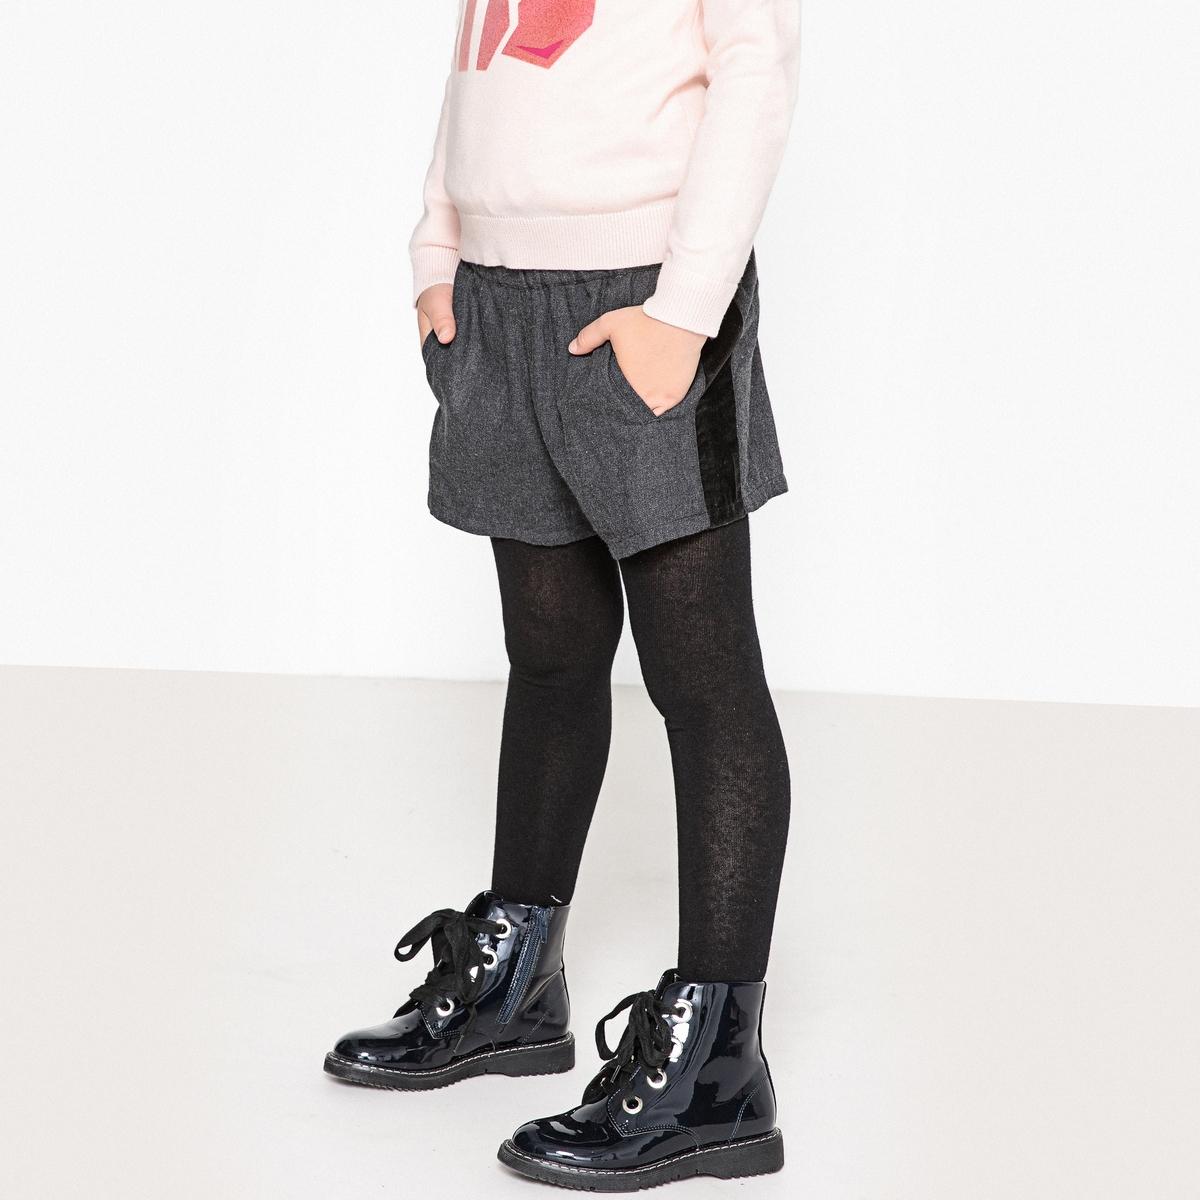 Шорты La Redoute С полосками из велюра 3 серый пижама la redoute из велюра с принтом спереди мес 3 года 94 см розовый